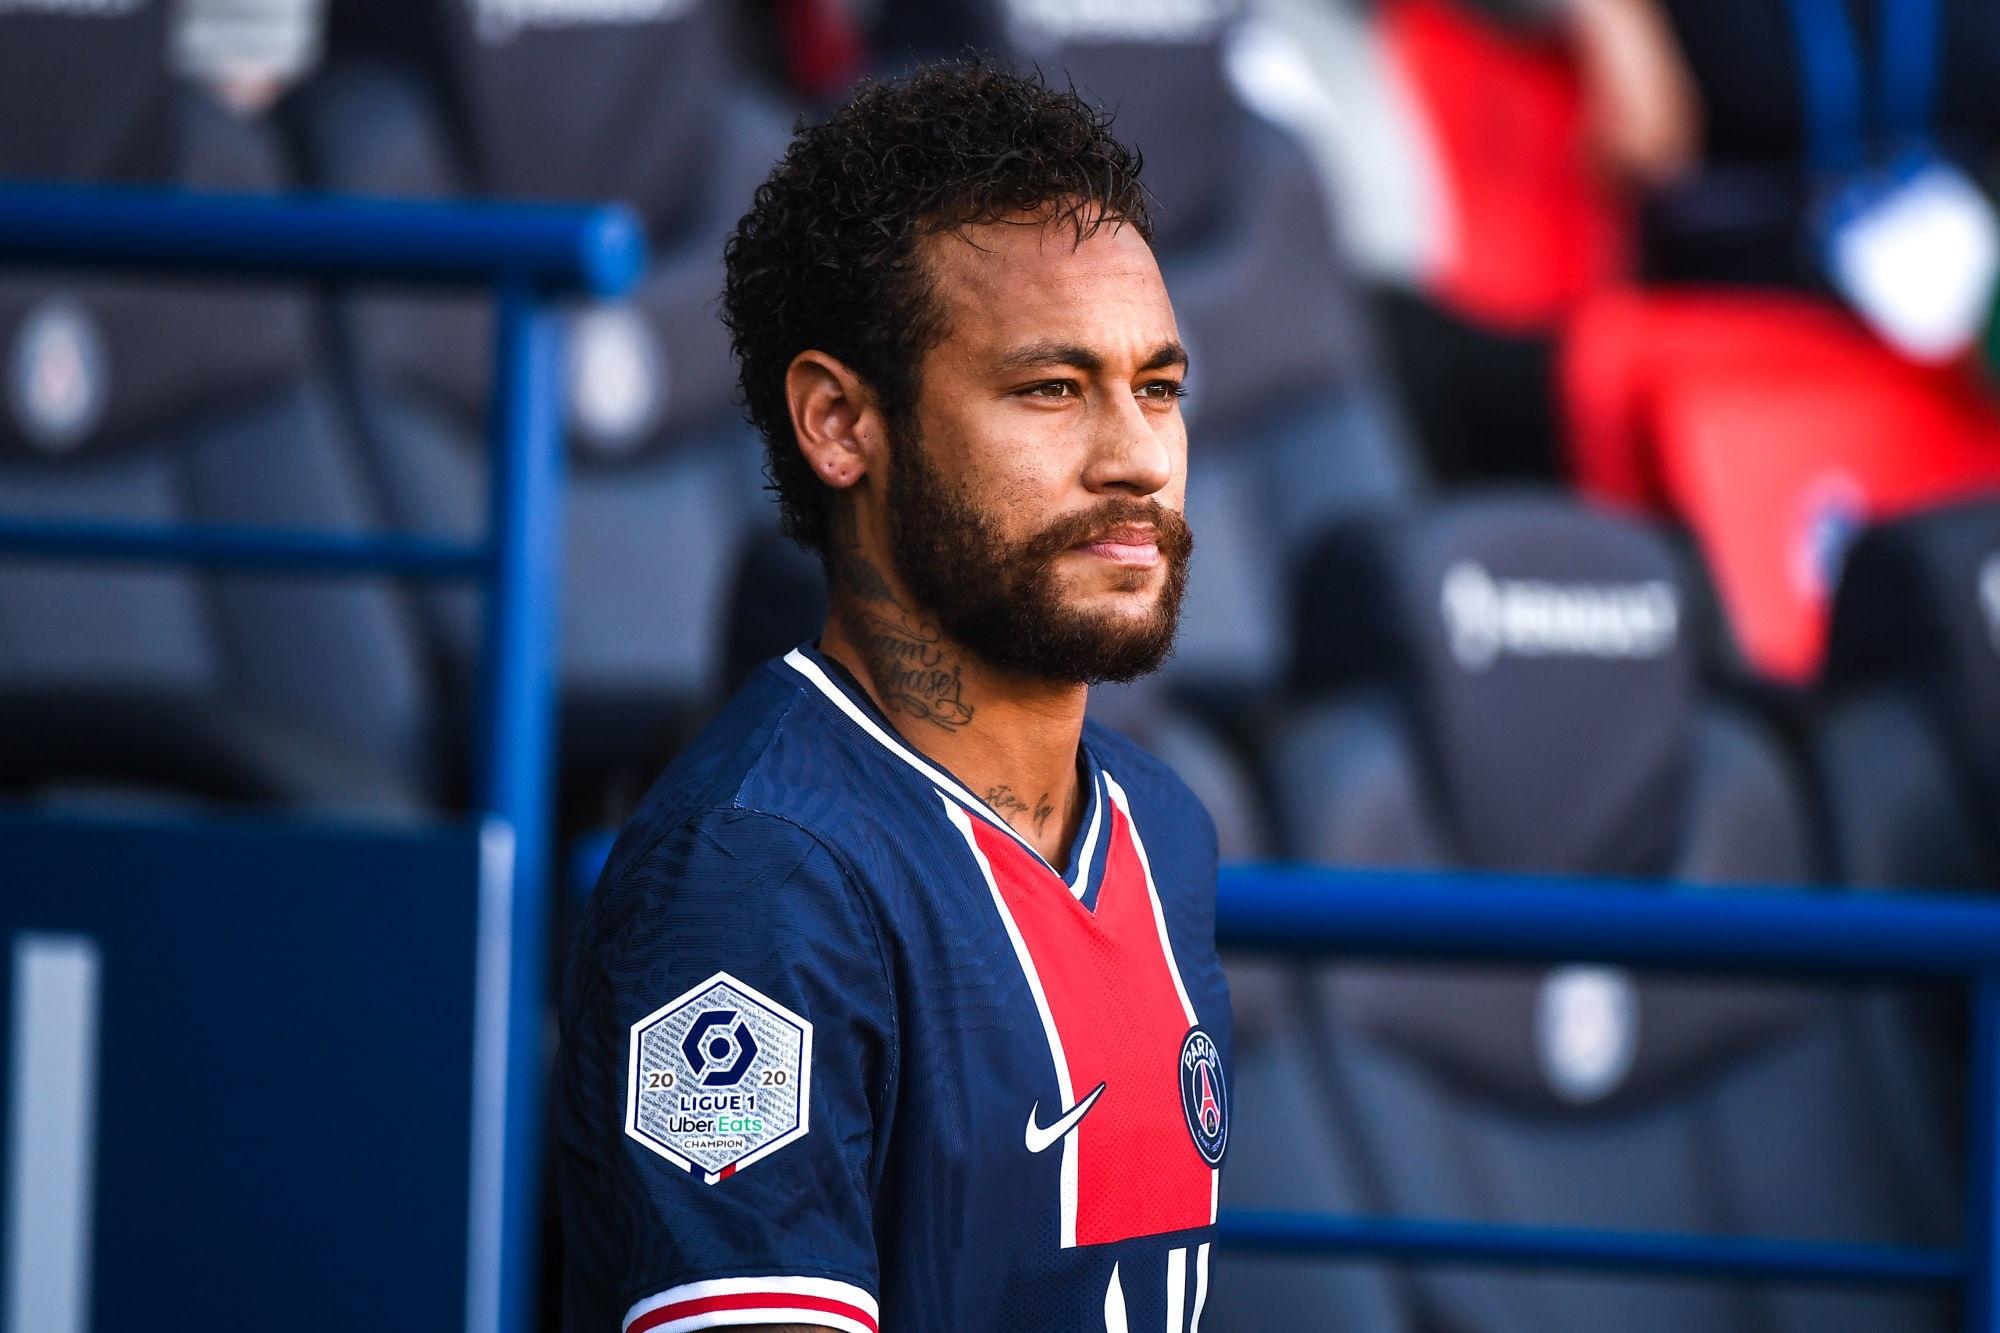 Neymar évoque les «4 finales» que le PSG doit jouer avec une équipe «confiante et unie»